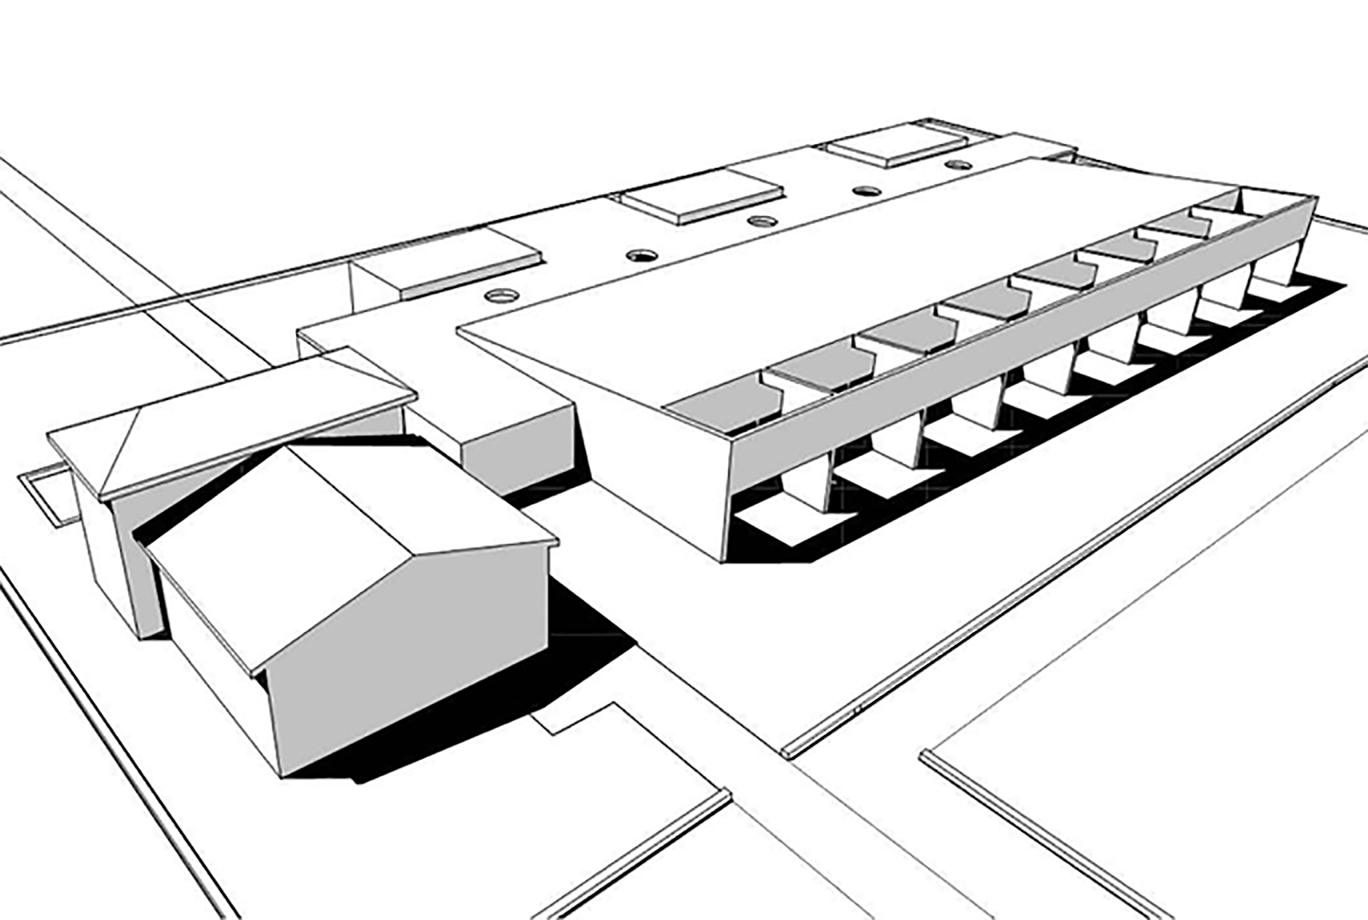 scuola materna montessori. vista prospettica del modello tridimemsionale